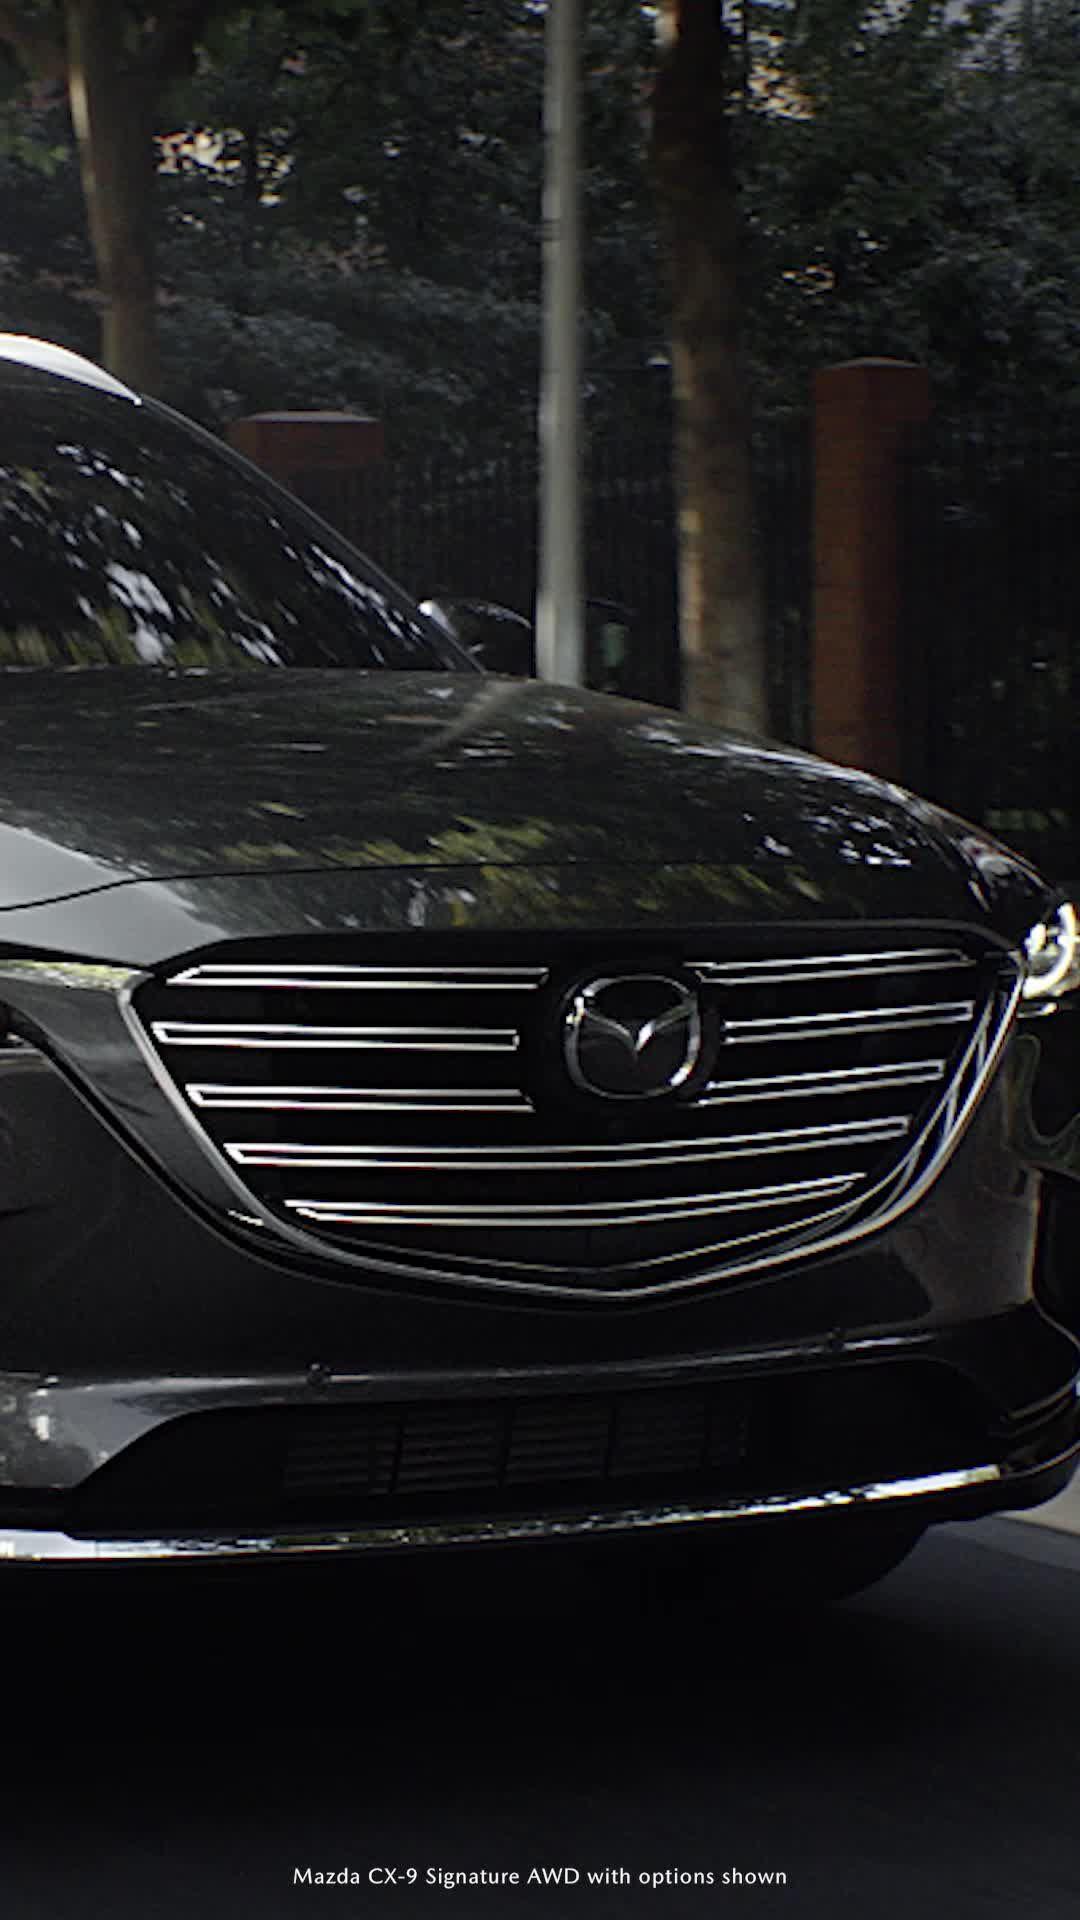 2020 Mazda CX-5 Crossover - Pictures & Videos | Mazda USA